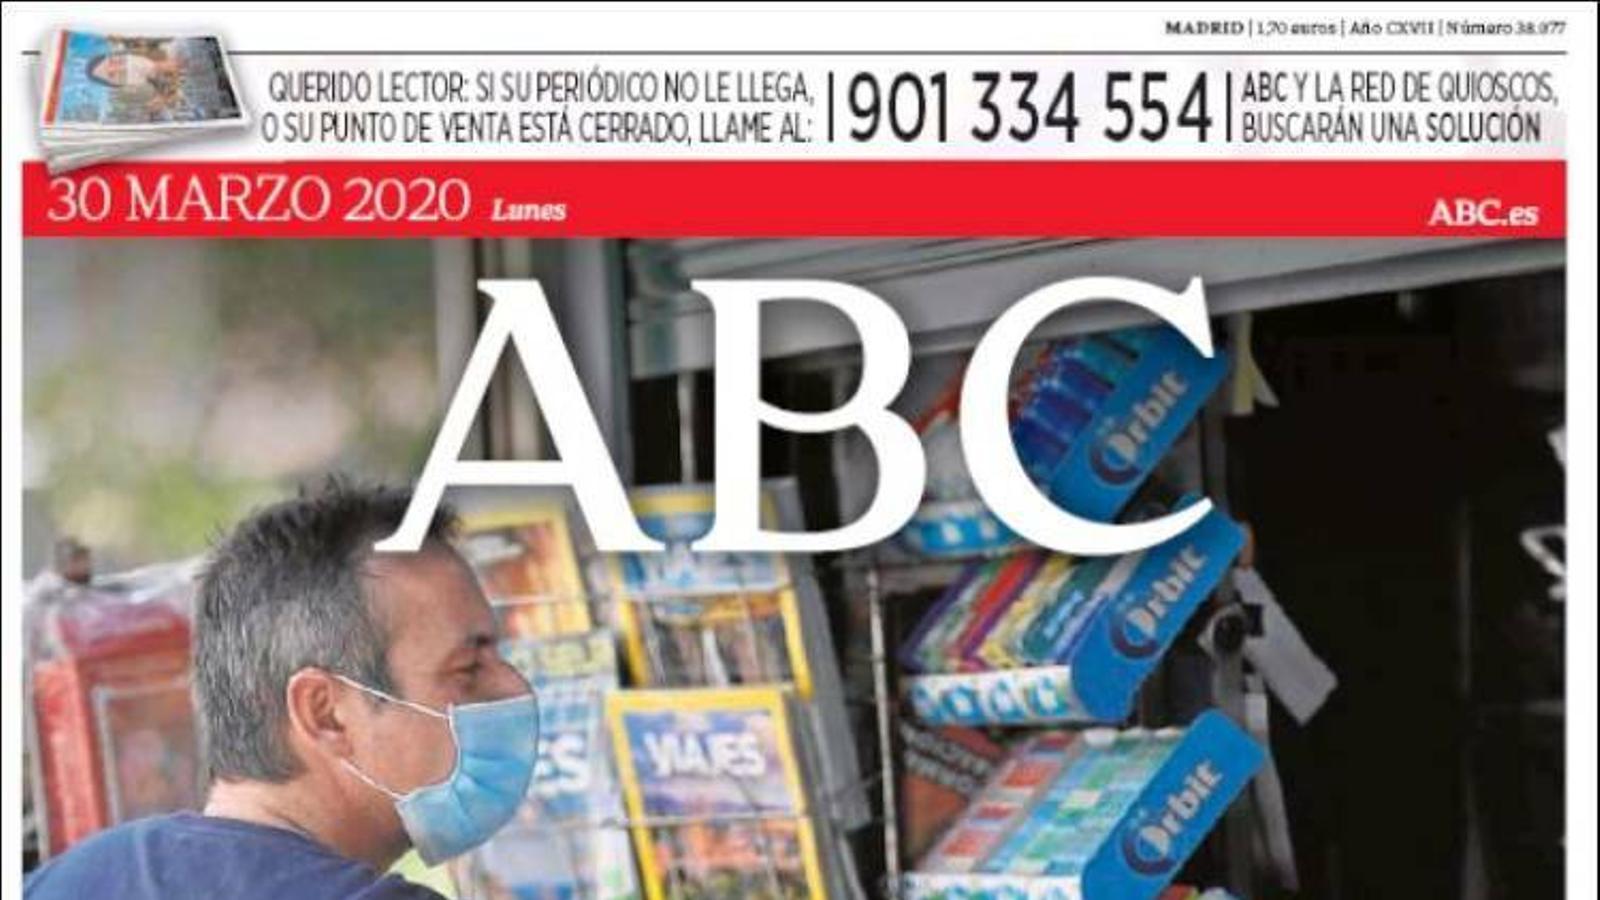 portada abc 30/3/20